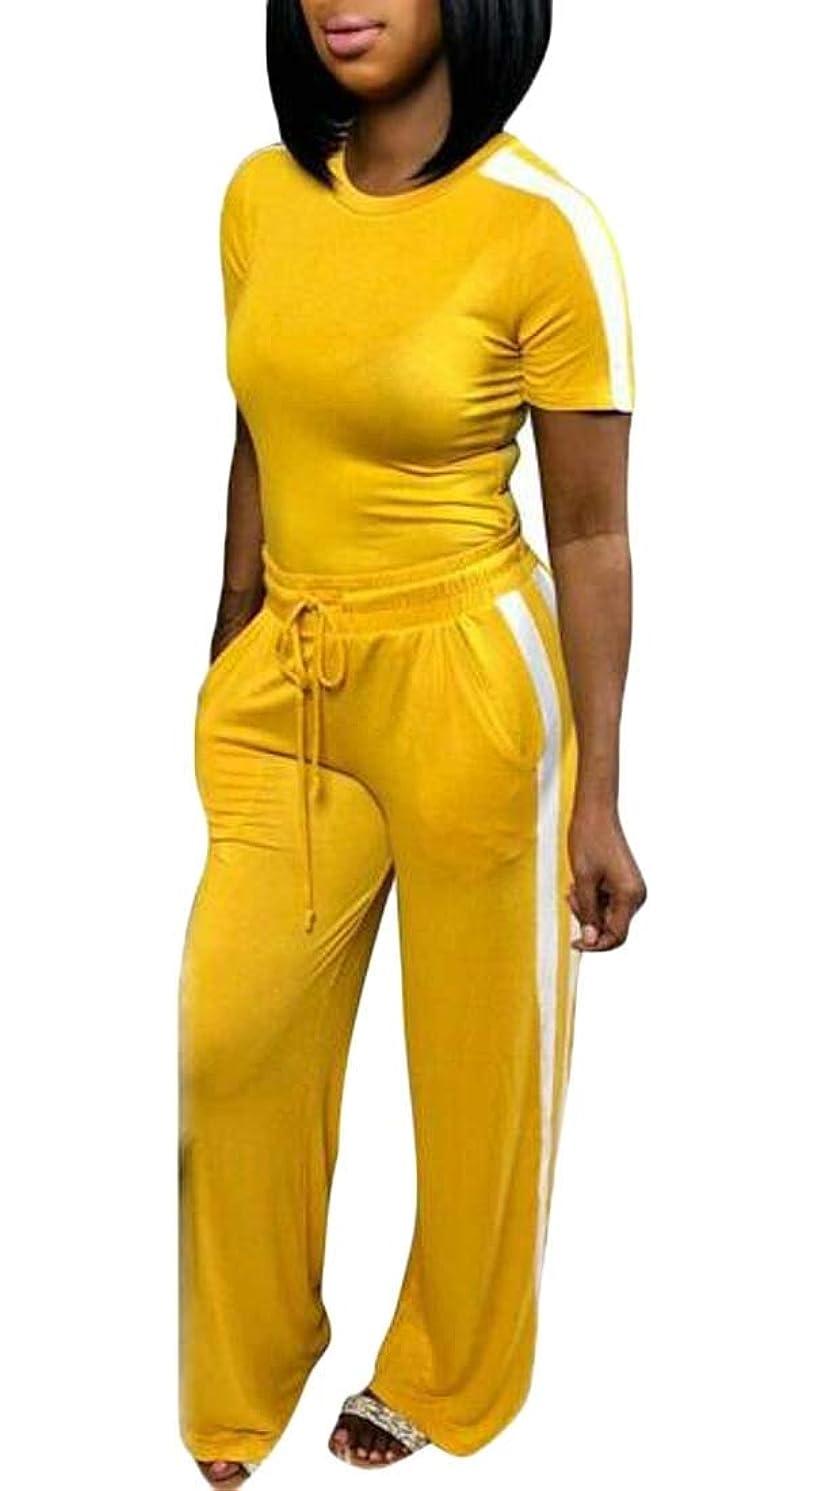 専ら一晩ヘルパー女性の2つの部分服装ホルターネック収穫トップとスウィングマキシスカートセット